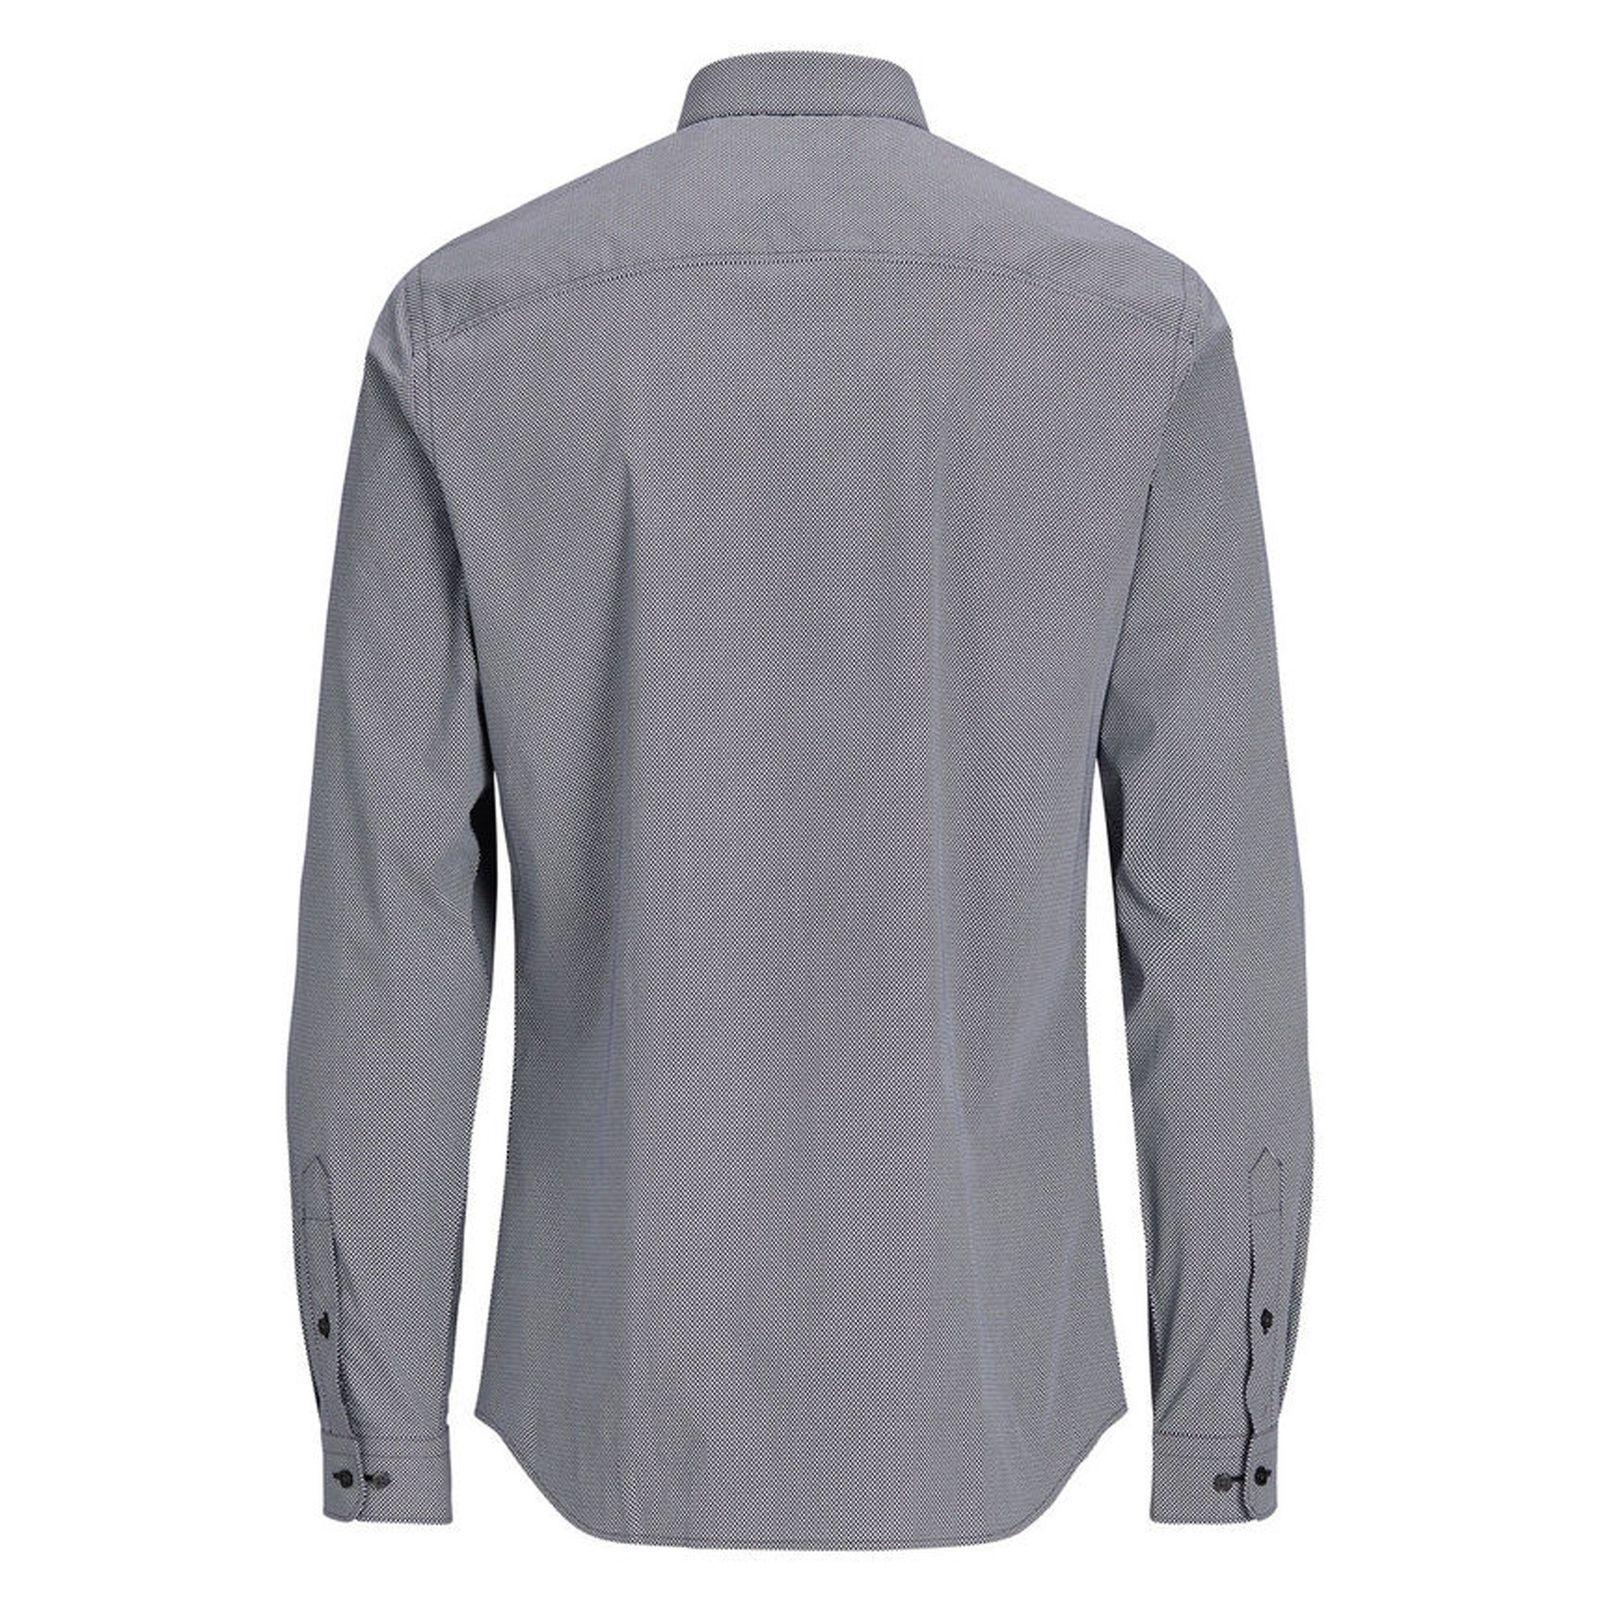 پیراهن نخی آستین بلند مردانه - جک اند جونز - سرمه اي - 2